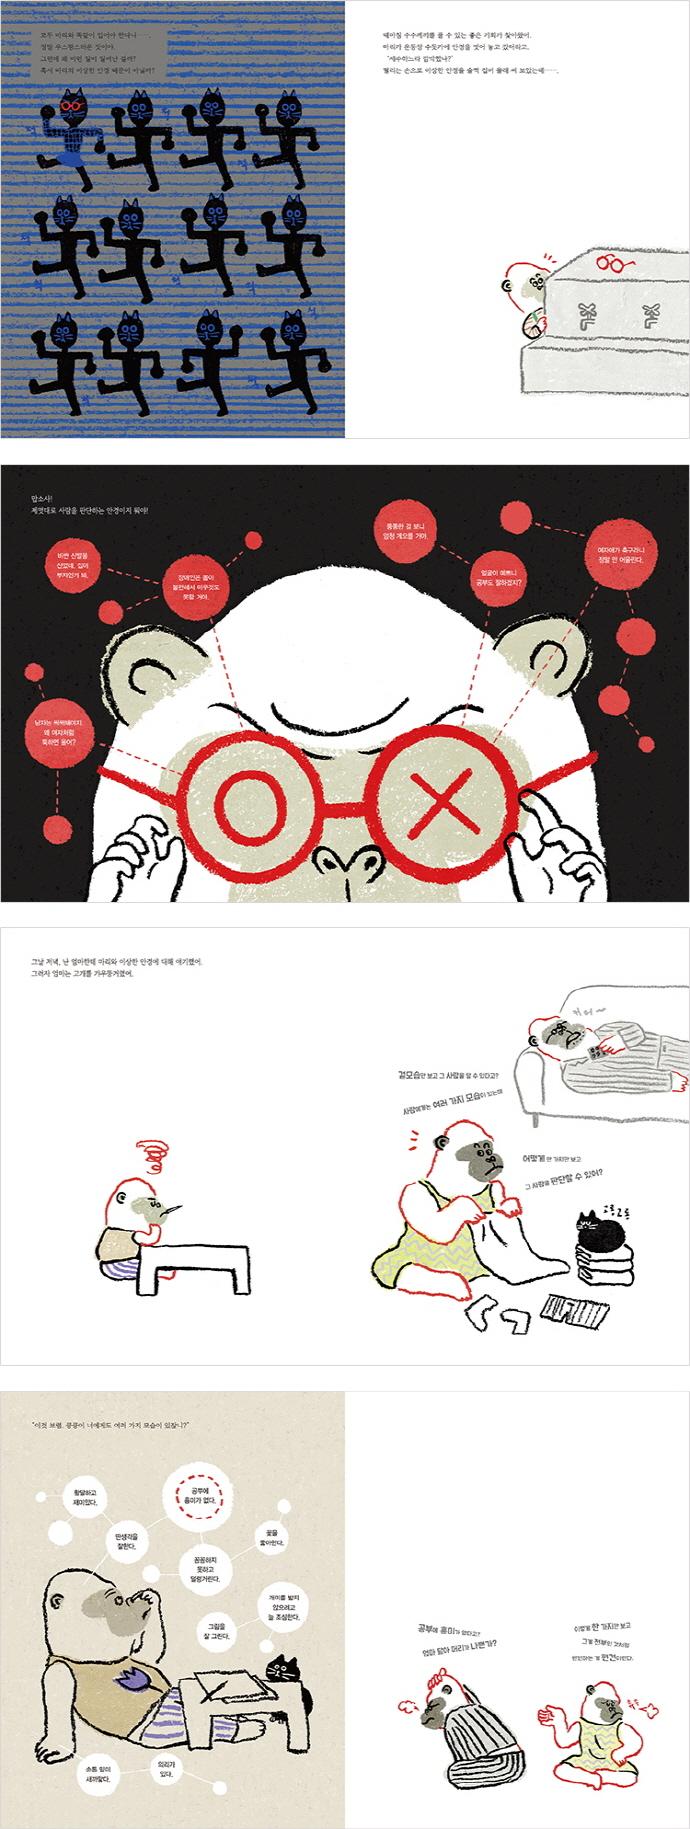 쿵쿵이는 몰랐던 이상한 편견 이야기(풀빛 지식 아이)(양장본 HardCover) 도서 상세이미지